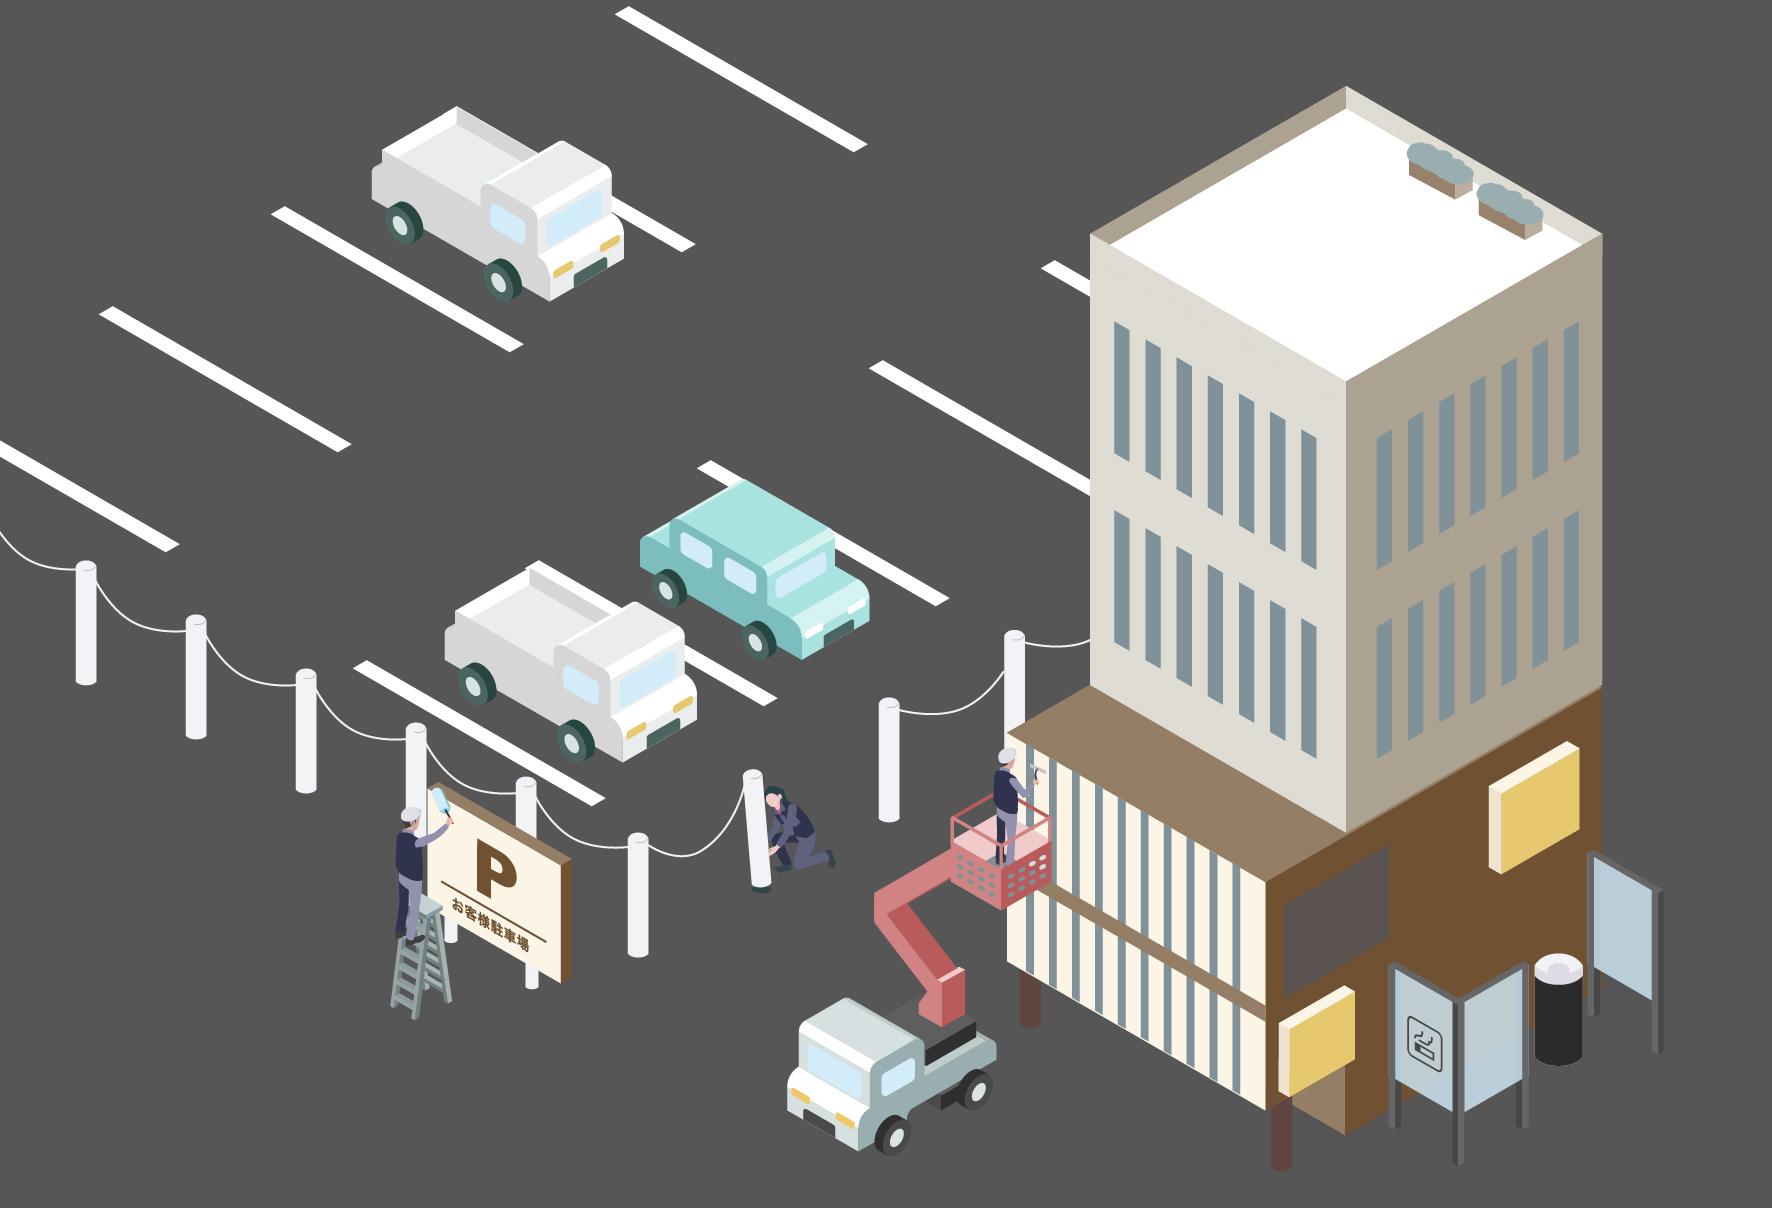 右側部分ではクレーン車を使って建物の外部を清掃しており、左側部分では駐車場の付近の清掃をしているイメージ